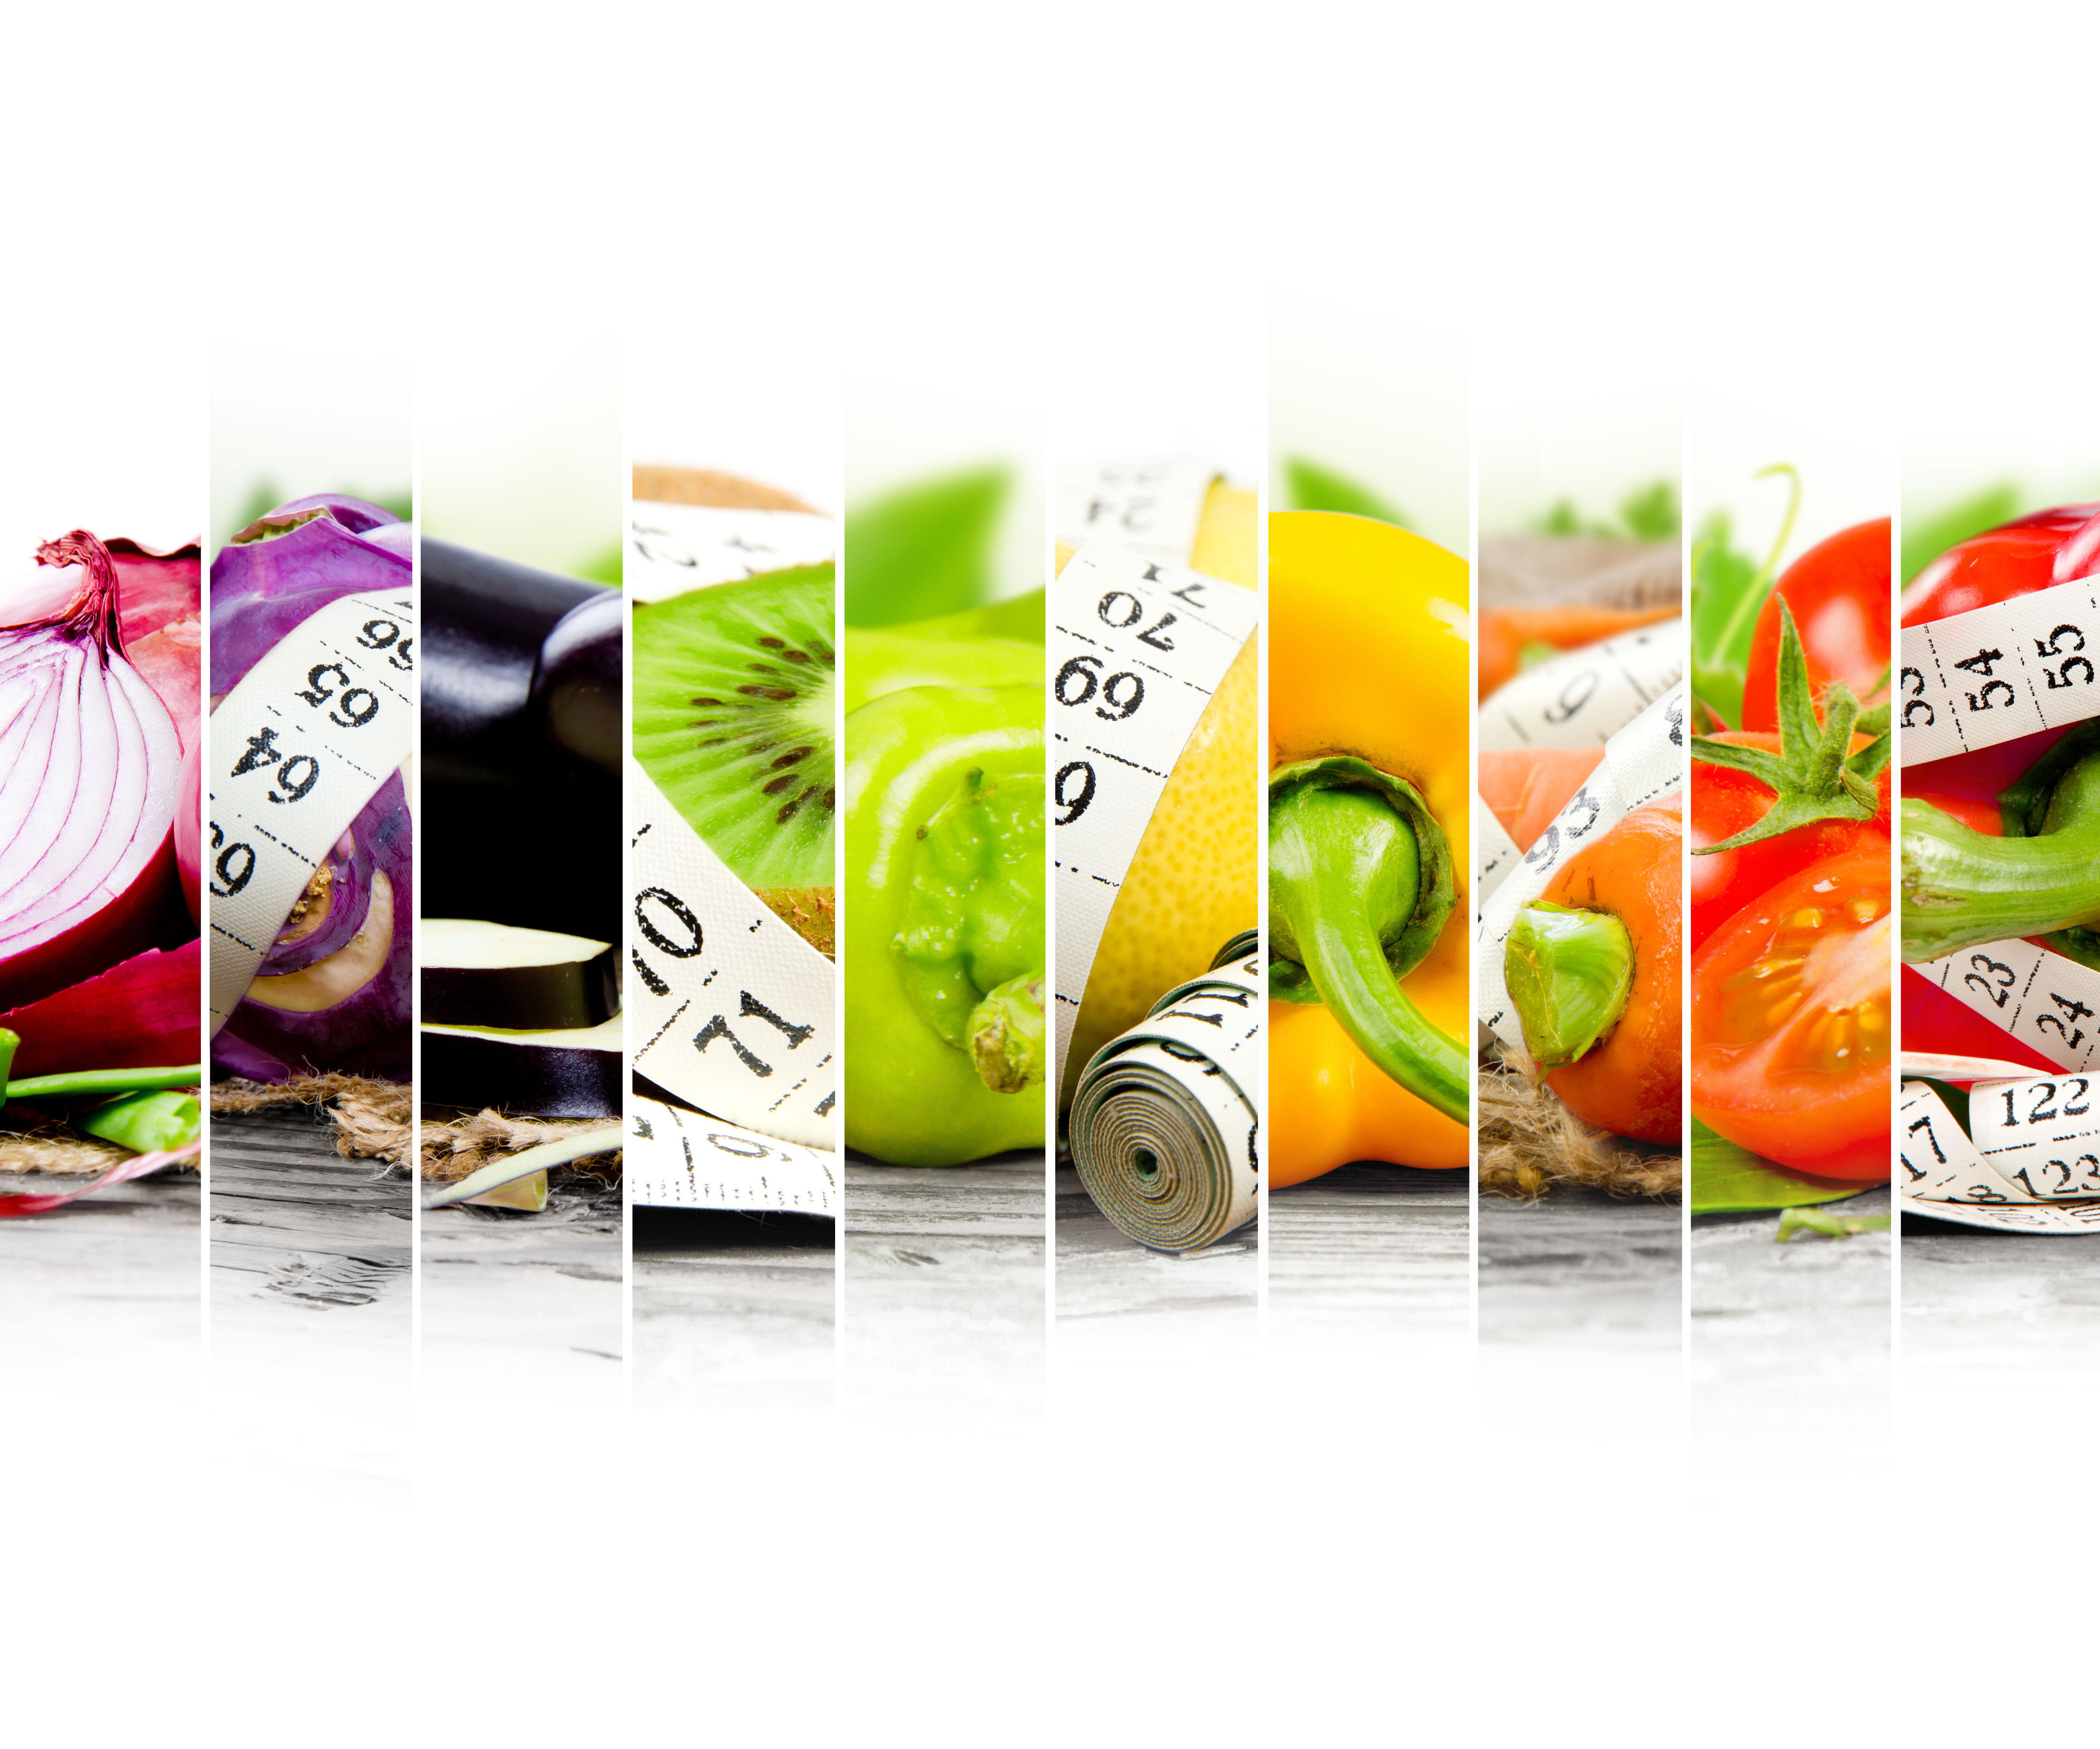 Perder peso: Productos y servicios de Nutrir Bien